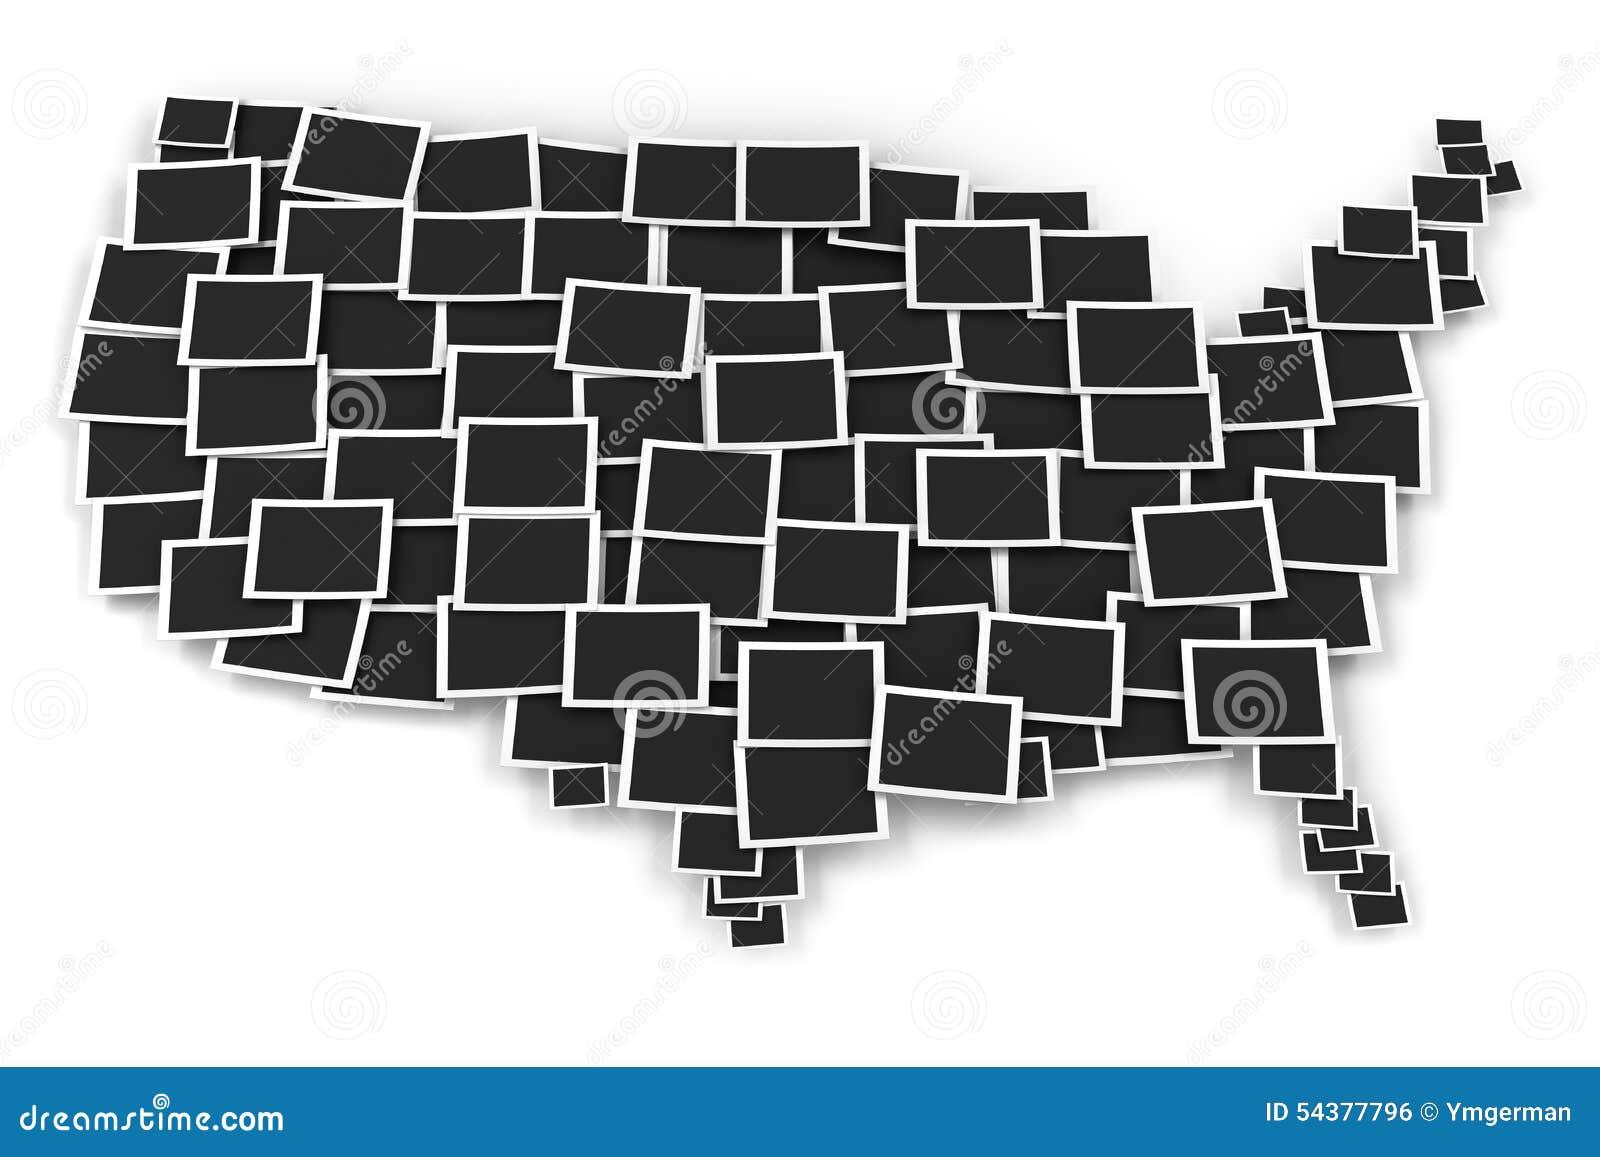 Karte Von USA Bildete Sich Durch Leere Bilderrahmen Stock Abbildung ...